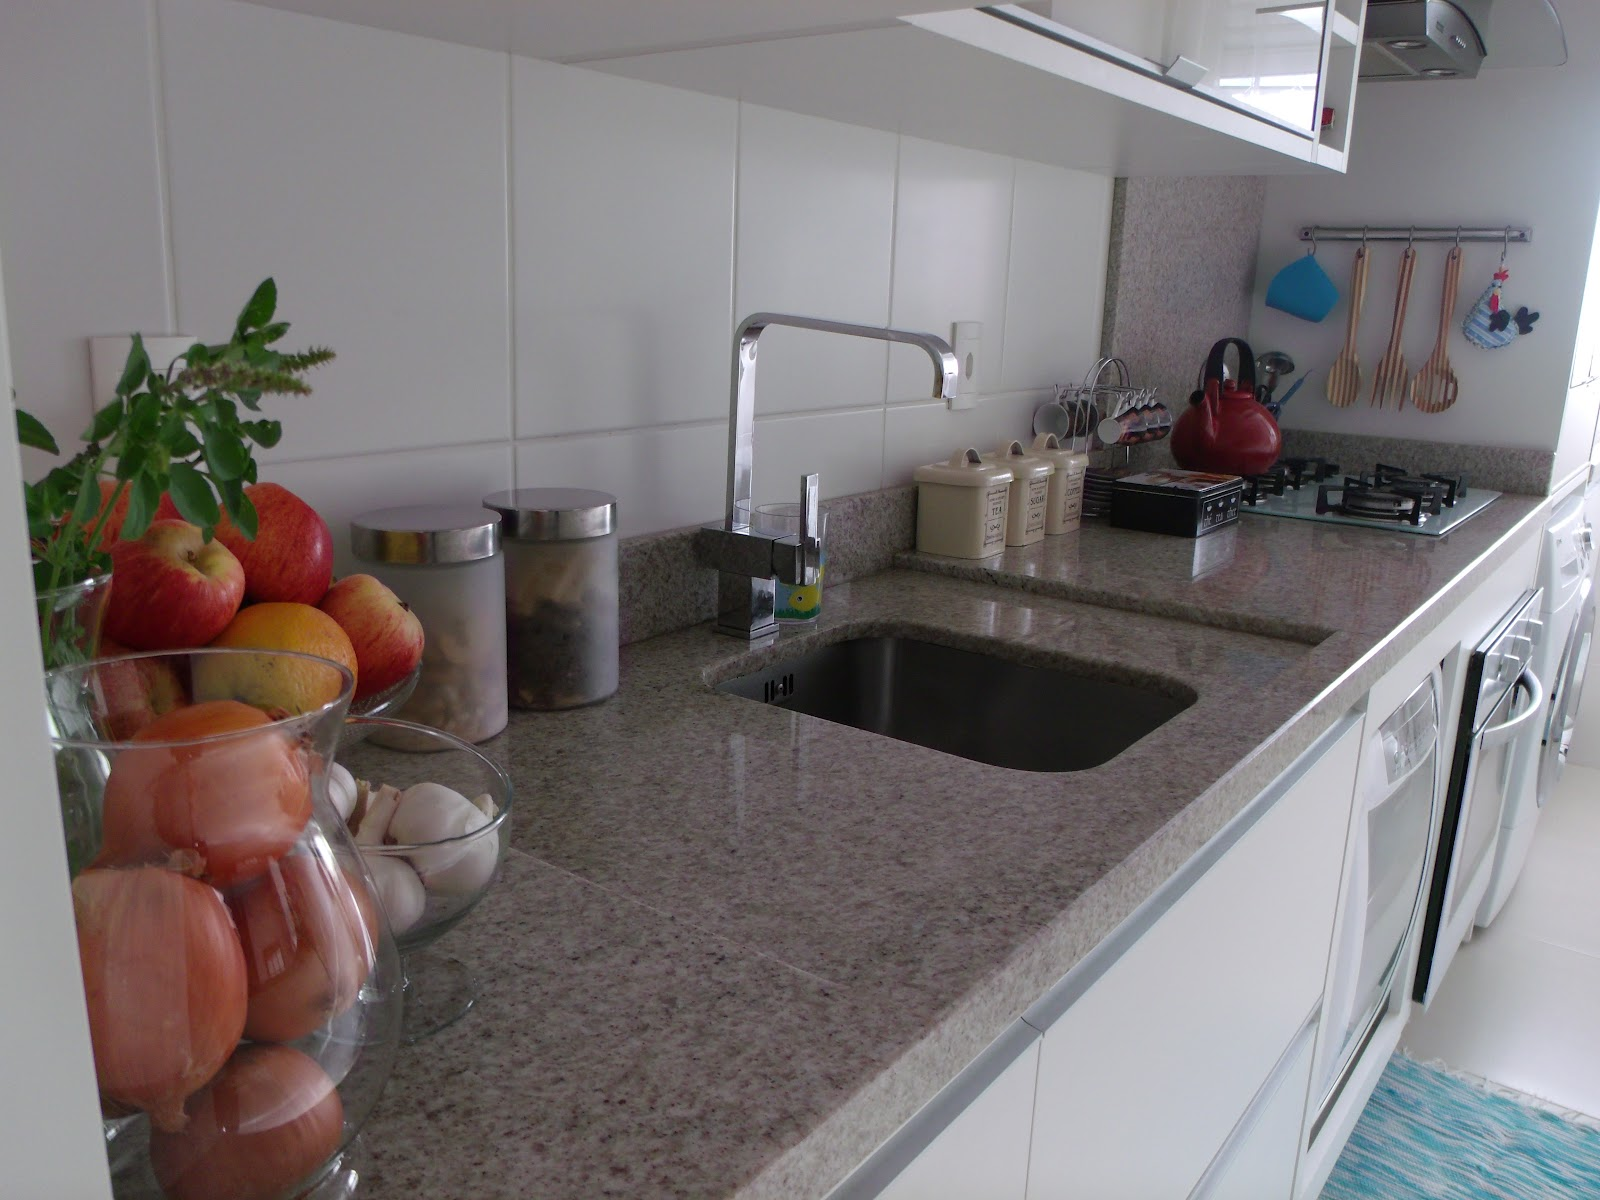 Seu ralo vive entupindo ? da pra resolver sem sair de casa use fermento e limão veja !